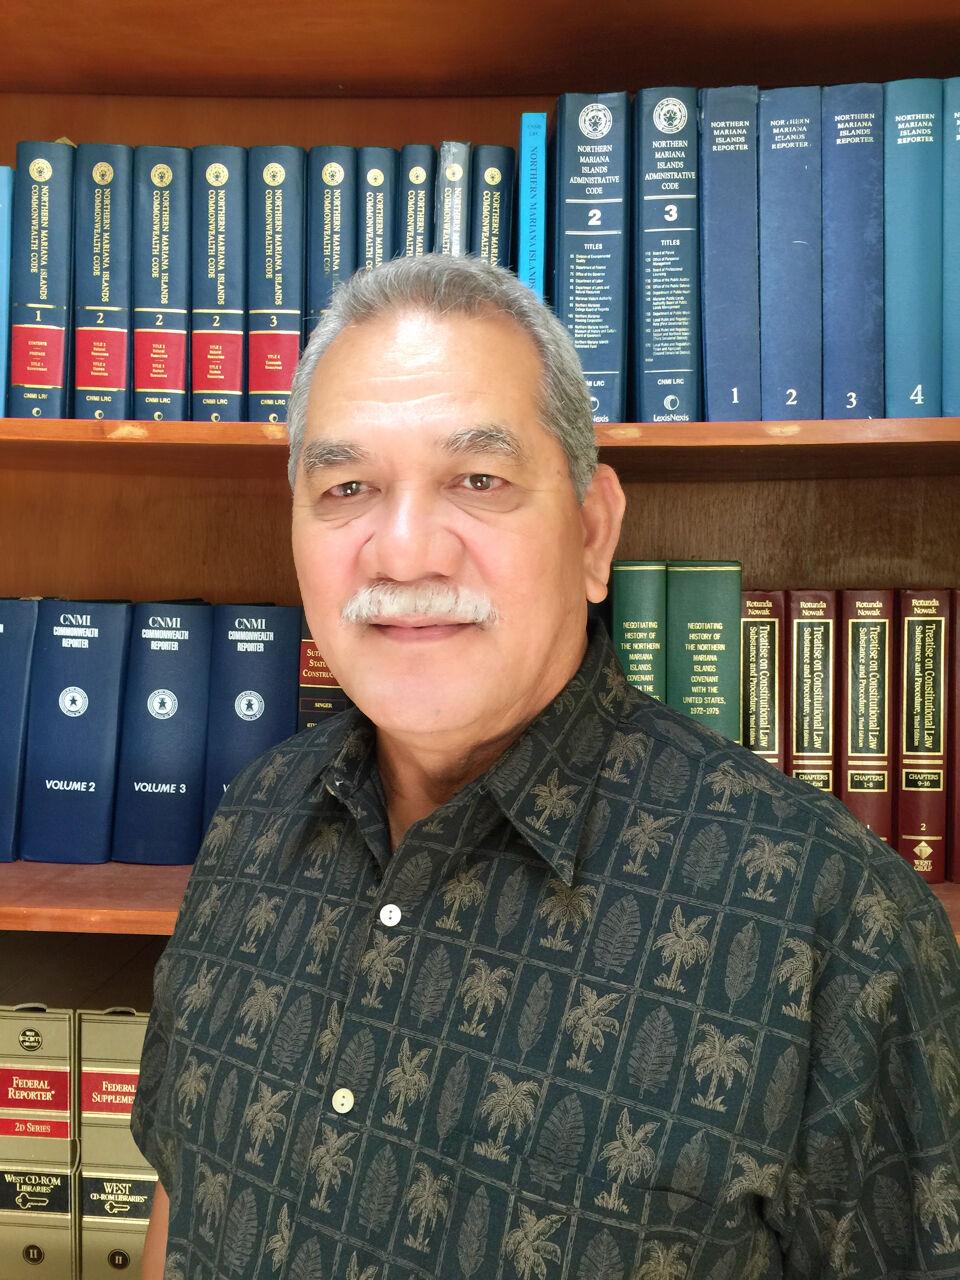 Edward Manibusan